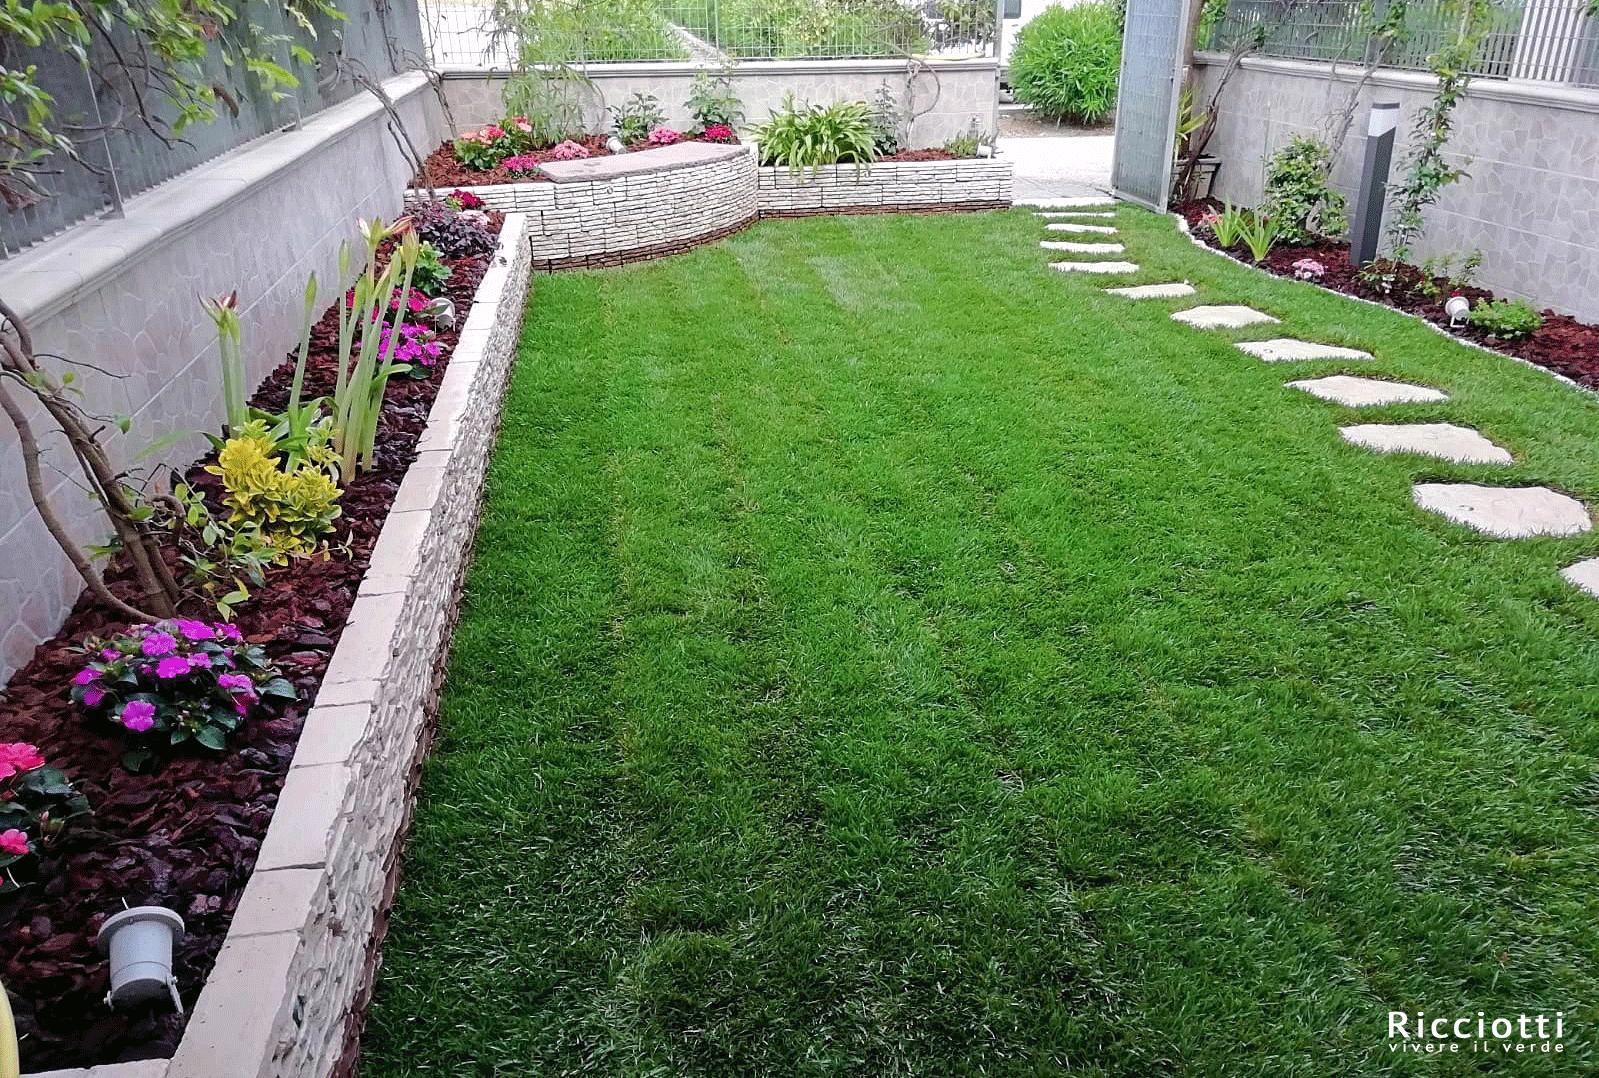 giardino di casa con prato erboso